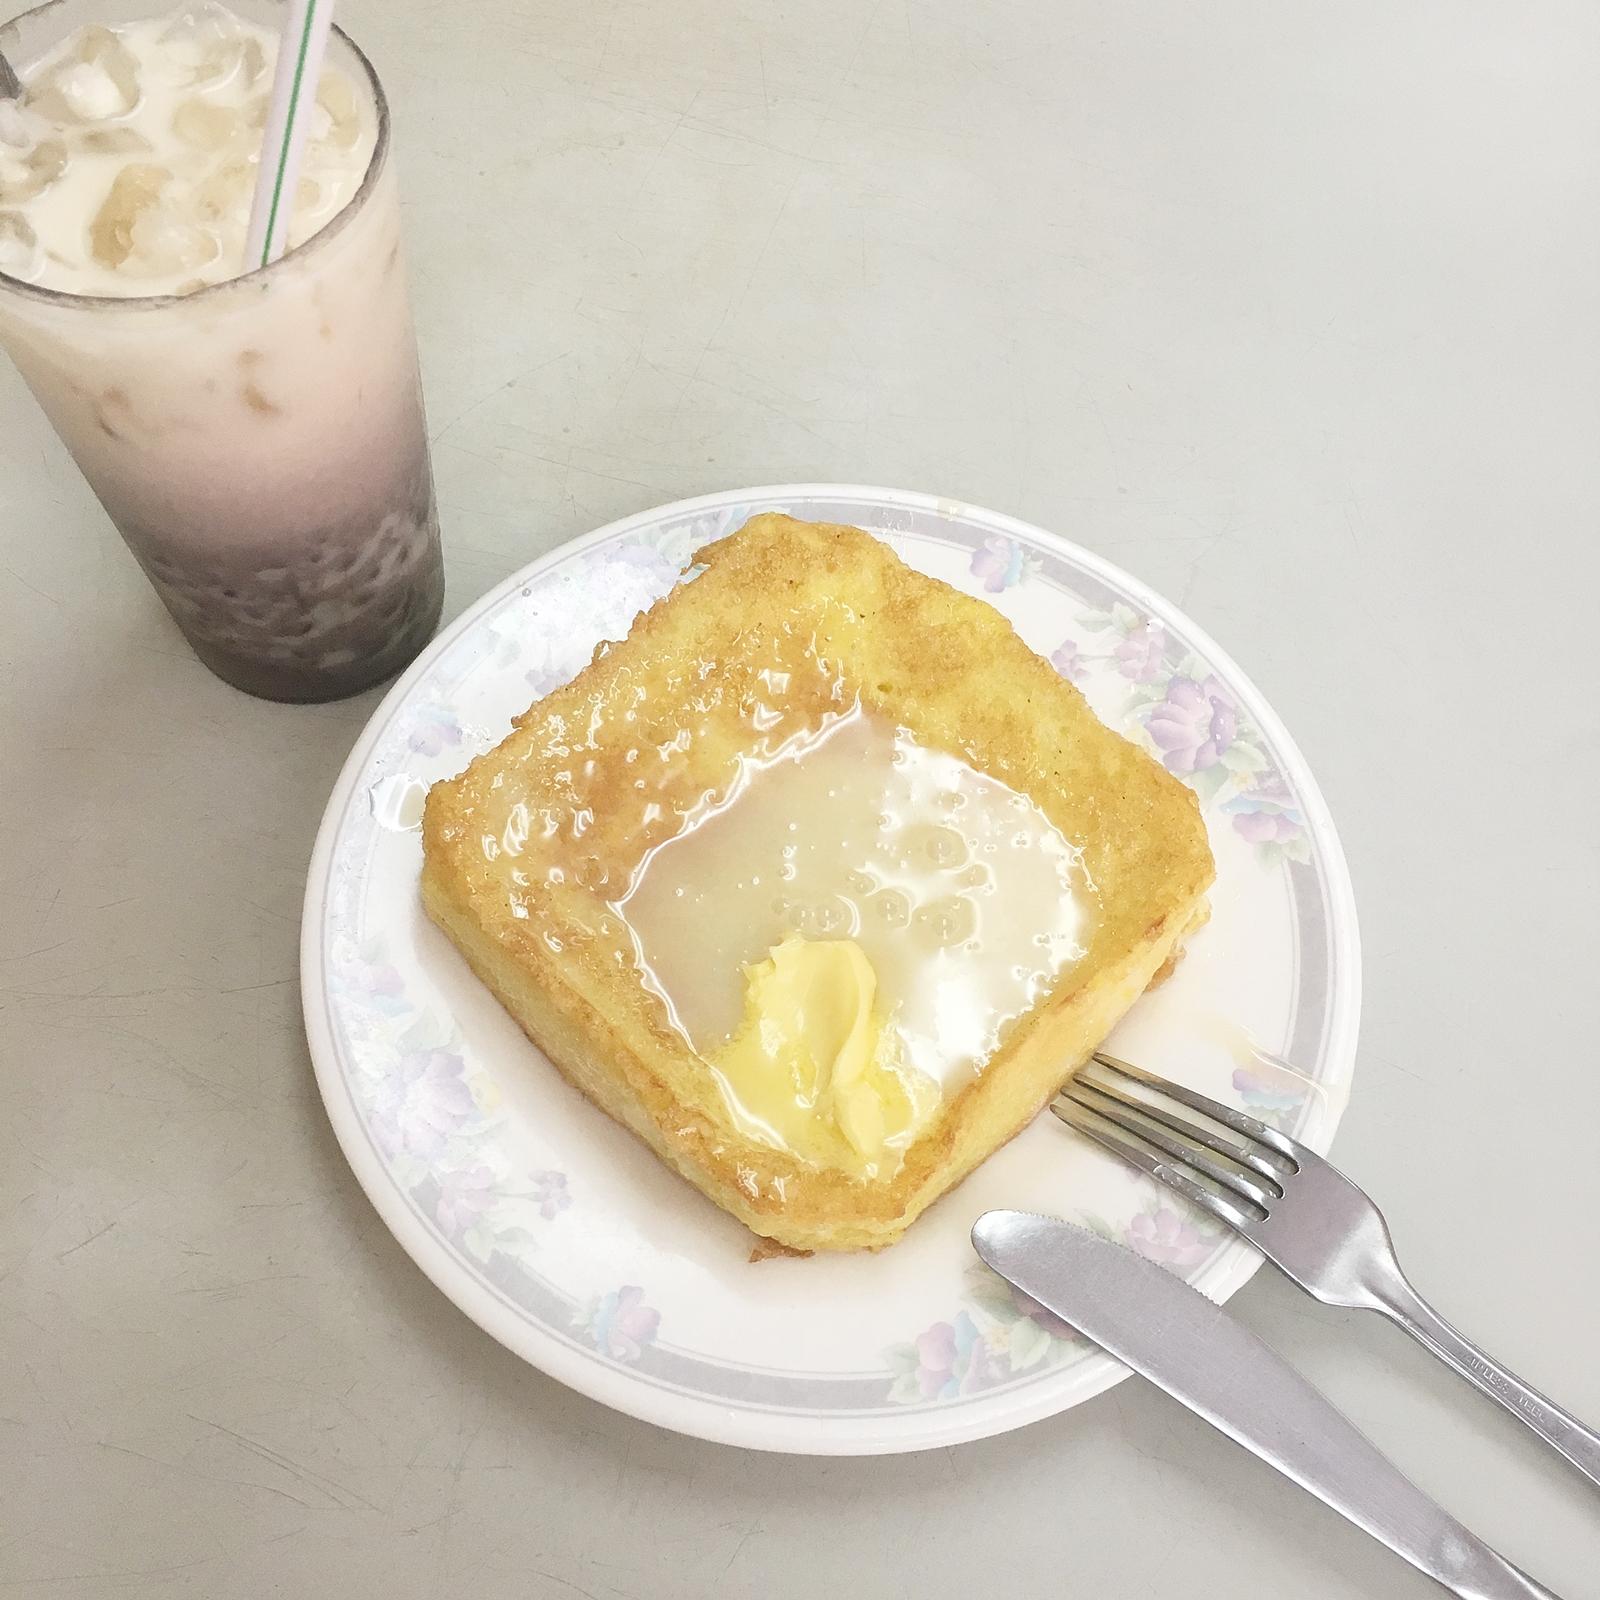 [香港早餐] 來香港必定要吃的21家地道早餐 (蛋奶素可) | 《早餐女皇之蔬食日常》